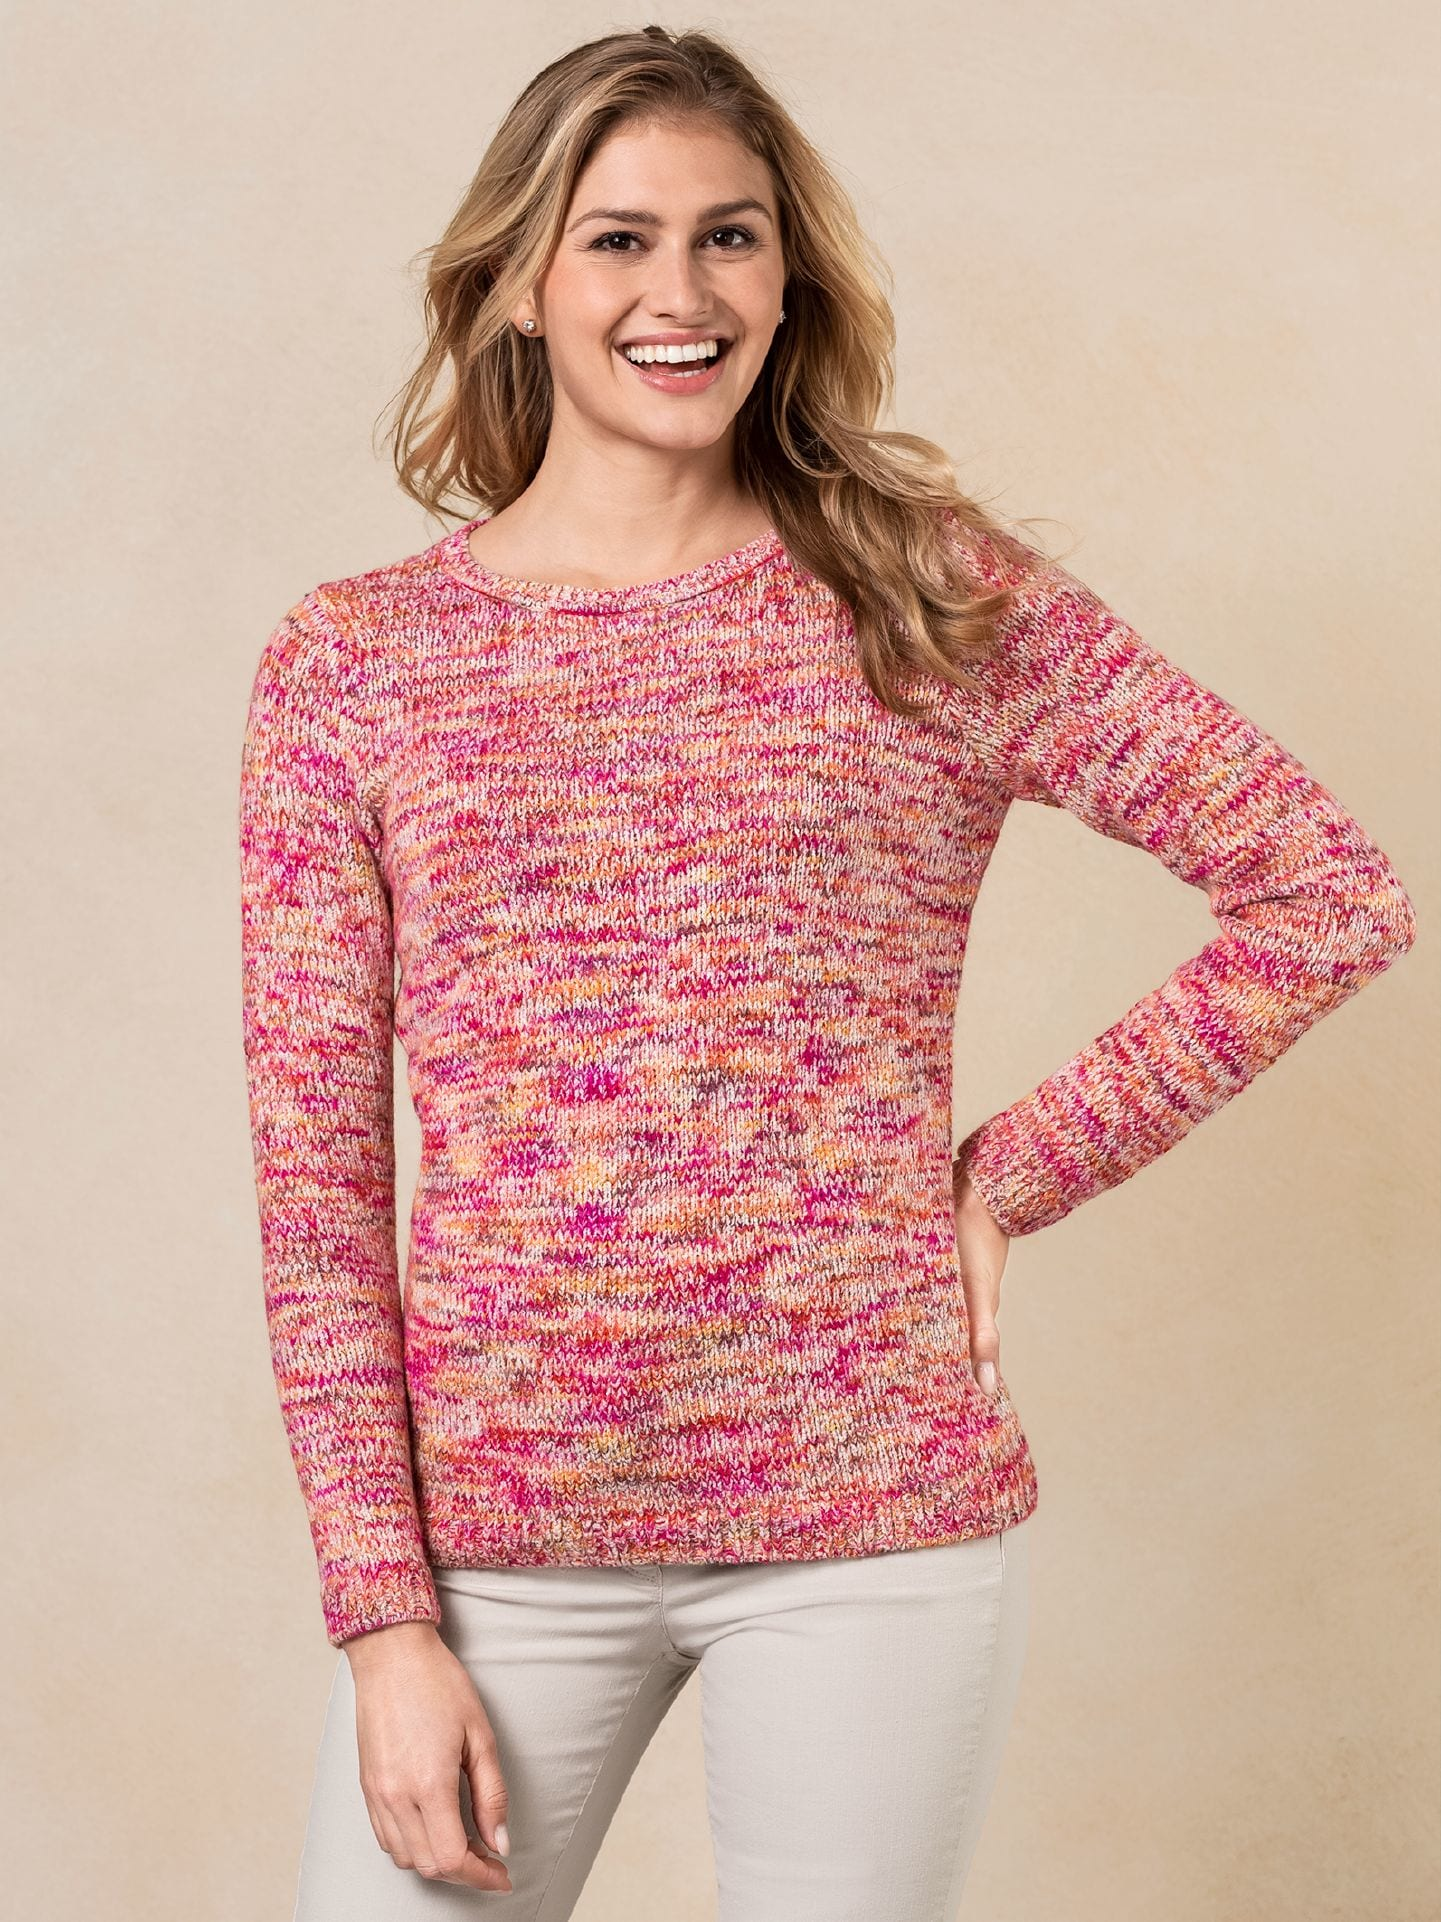 Walbusch Damen Sommer Alpaka Pullover in normalen Größen gemustert Pink gemustert 36, 38, 40, 42, 44, 46, 48